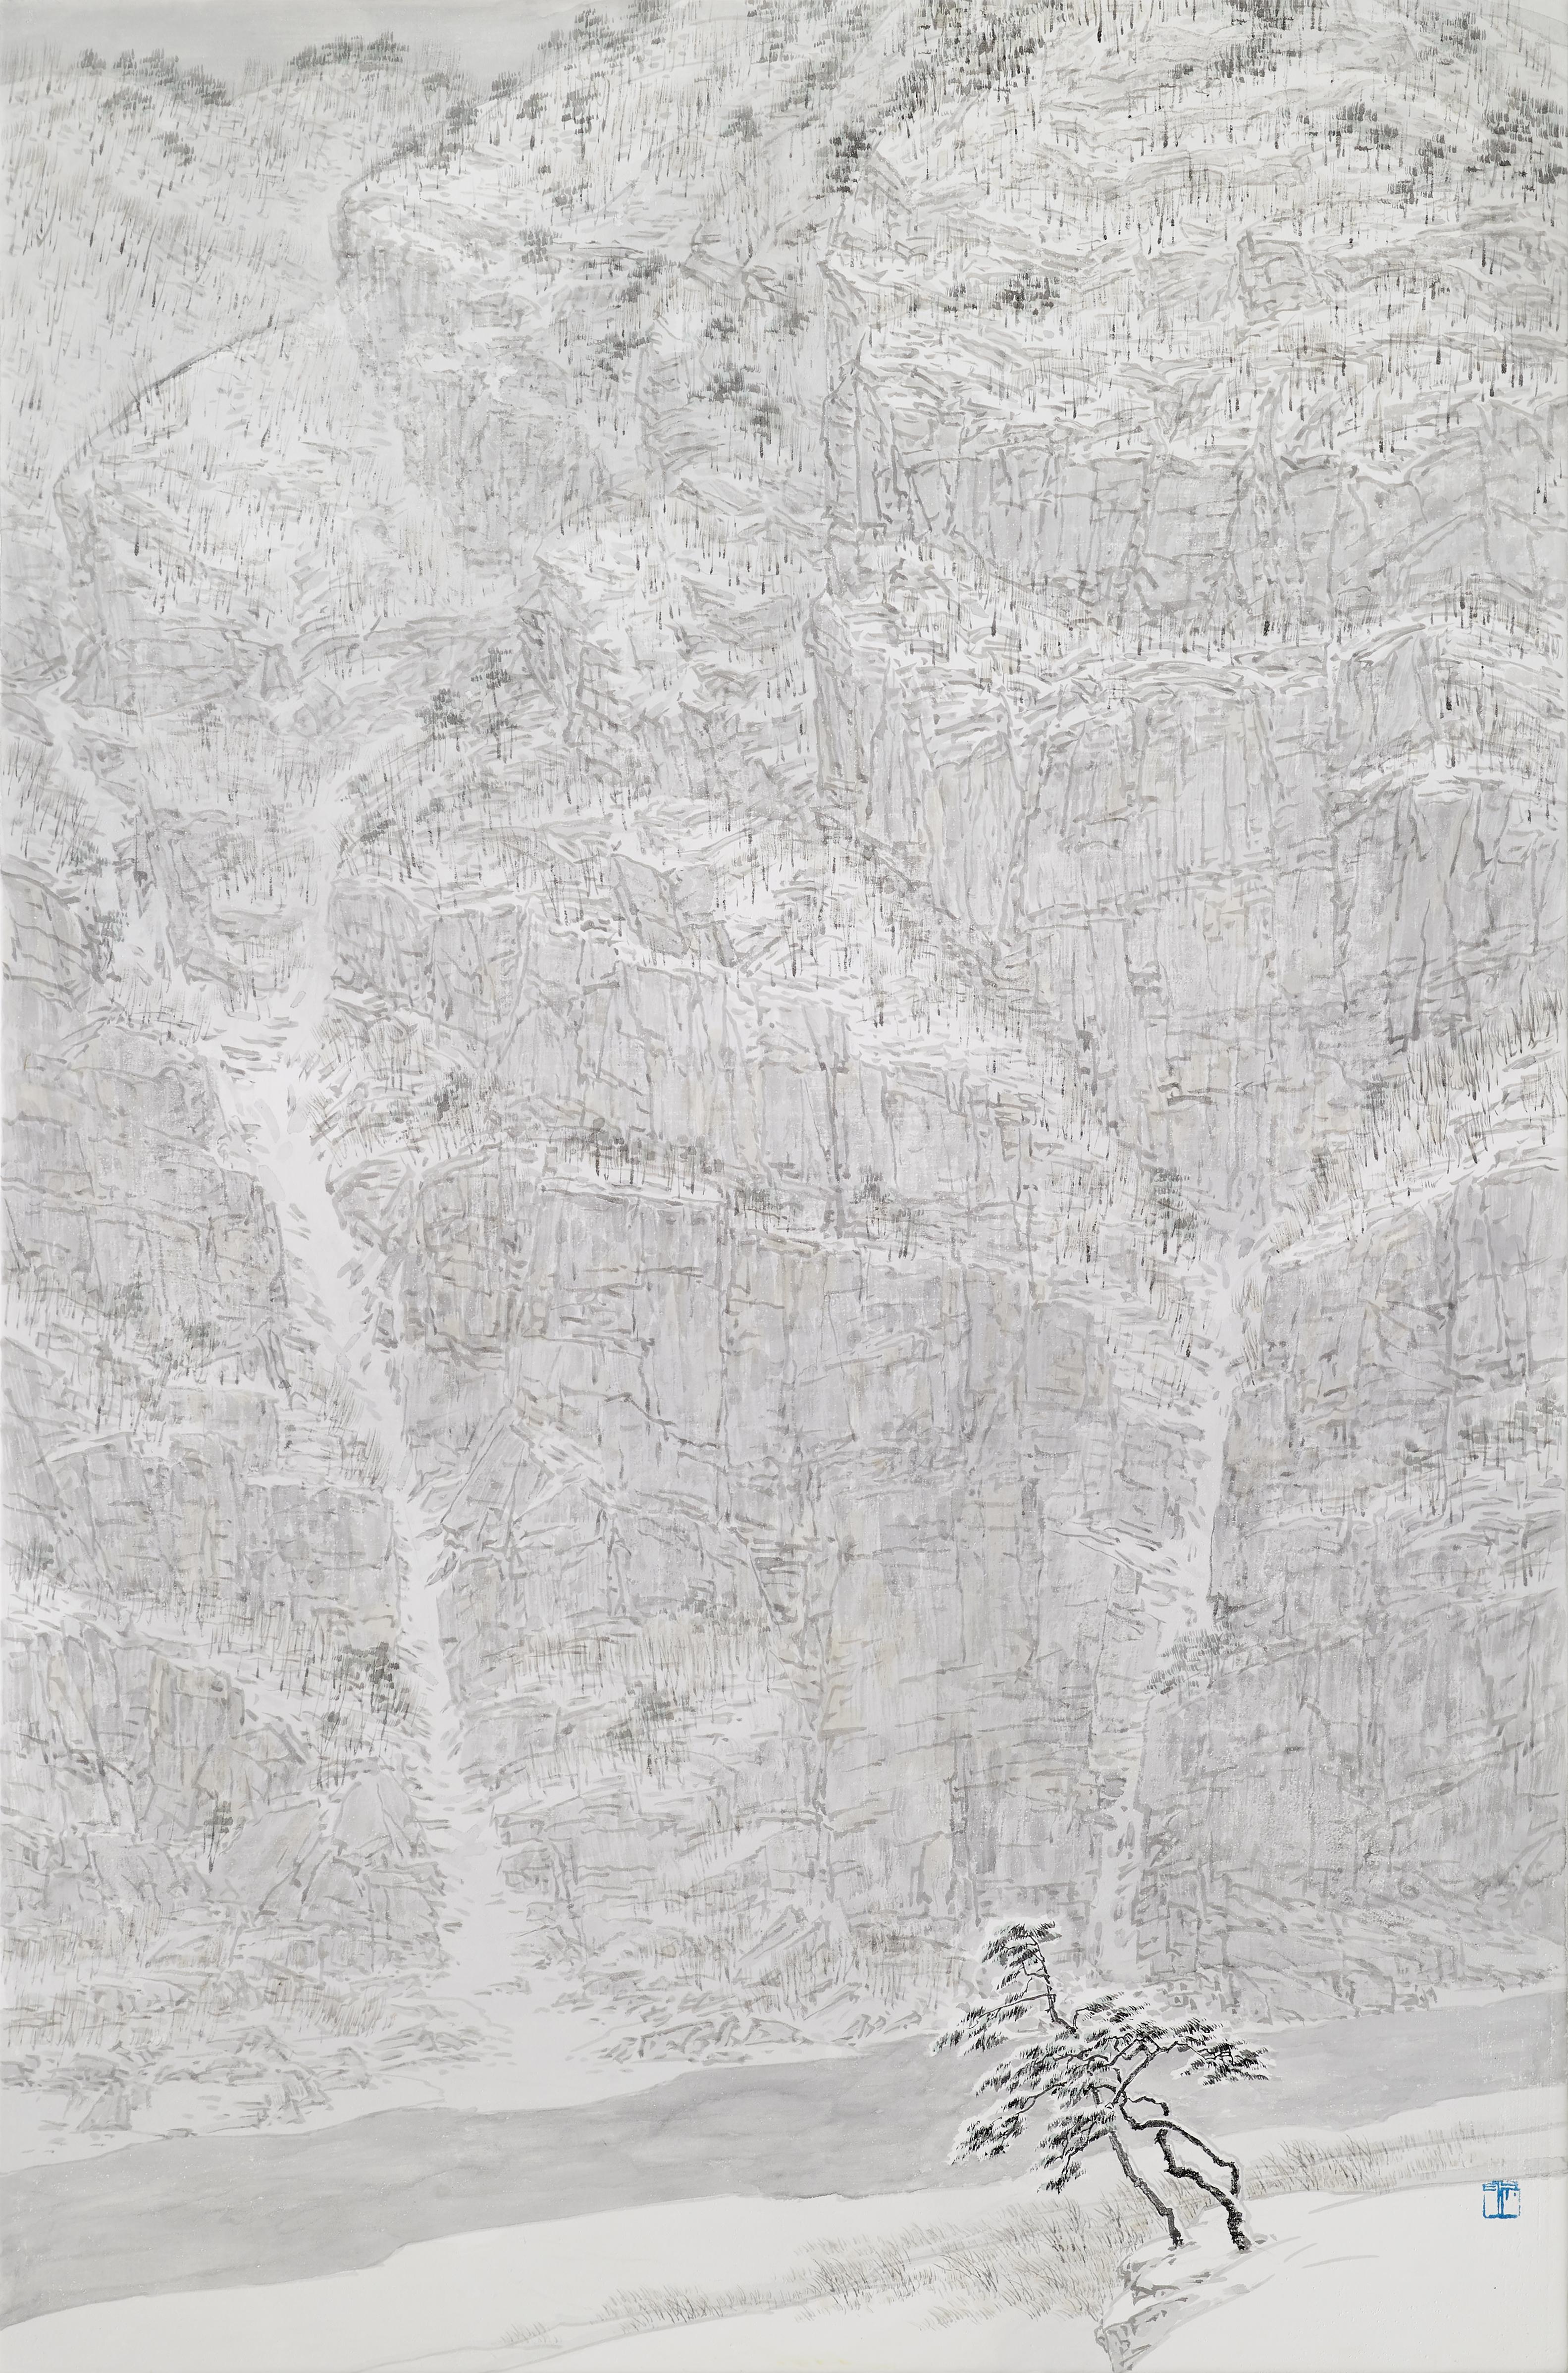 015, 임태규, 흐린풍경-맹동, 65.1 x 90